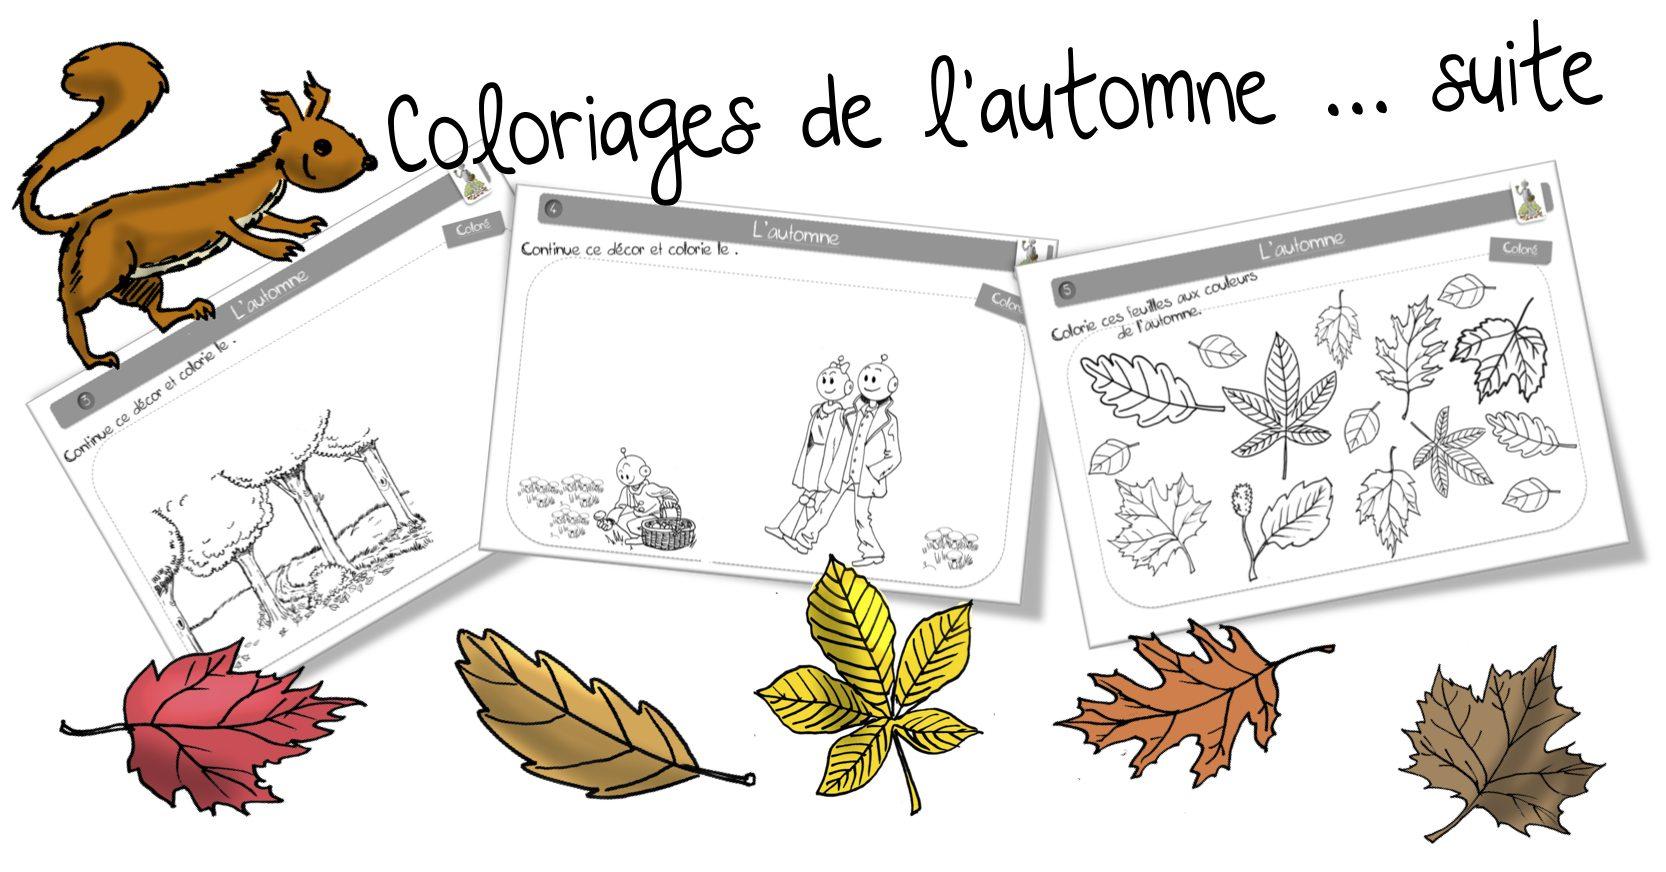 Coloriage Cp Octobre.Coloriages Bdg Sur L Automne Bout De Gomme